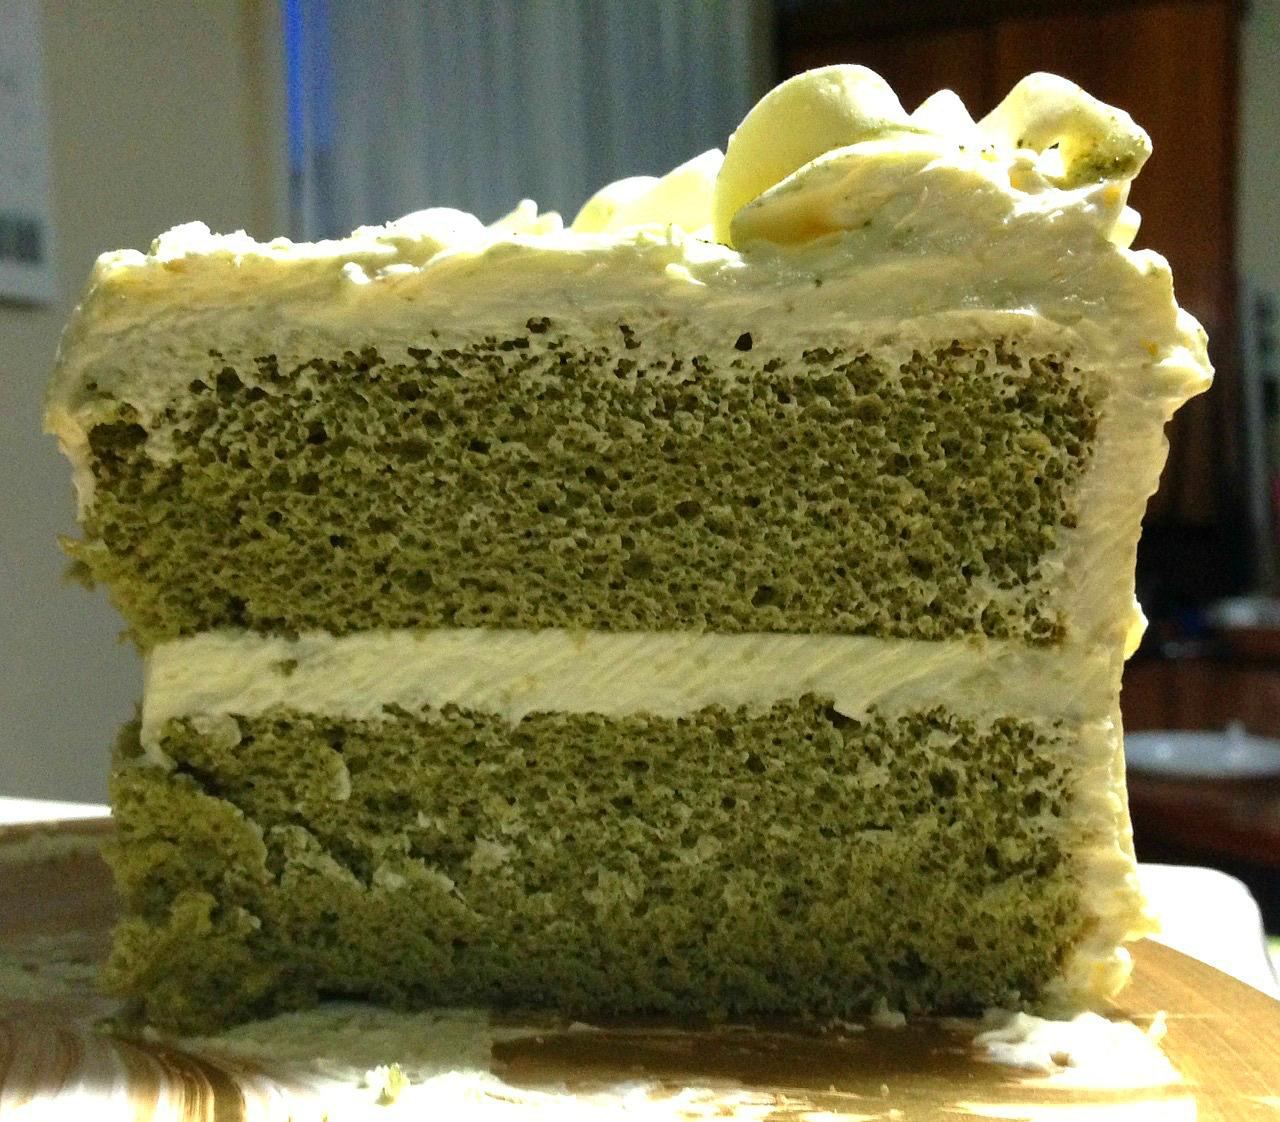 Heavenly Healthy Matcha Green Tea Cake Recipes — Dishmaps